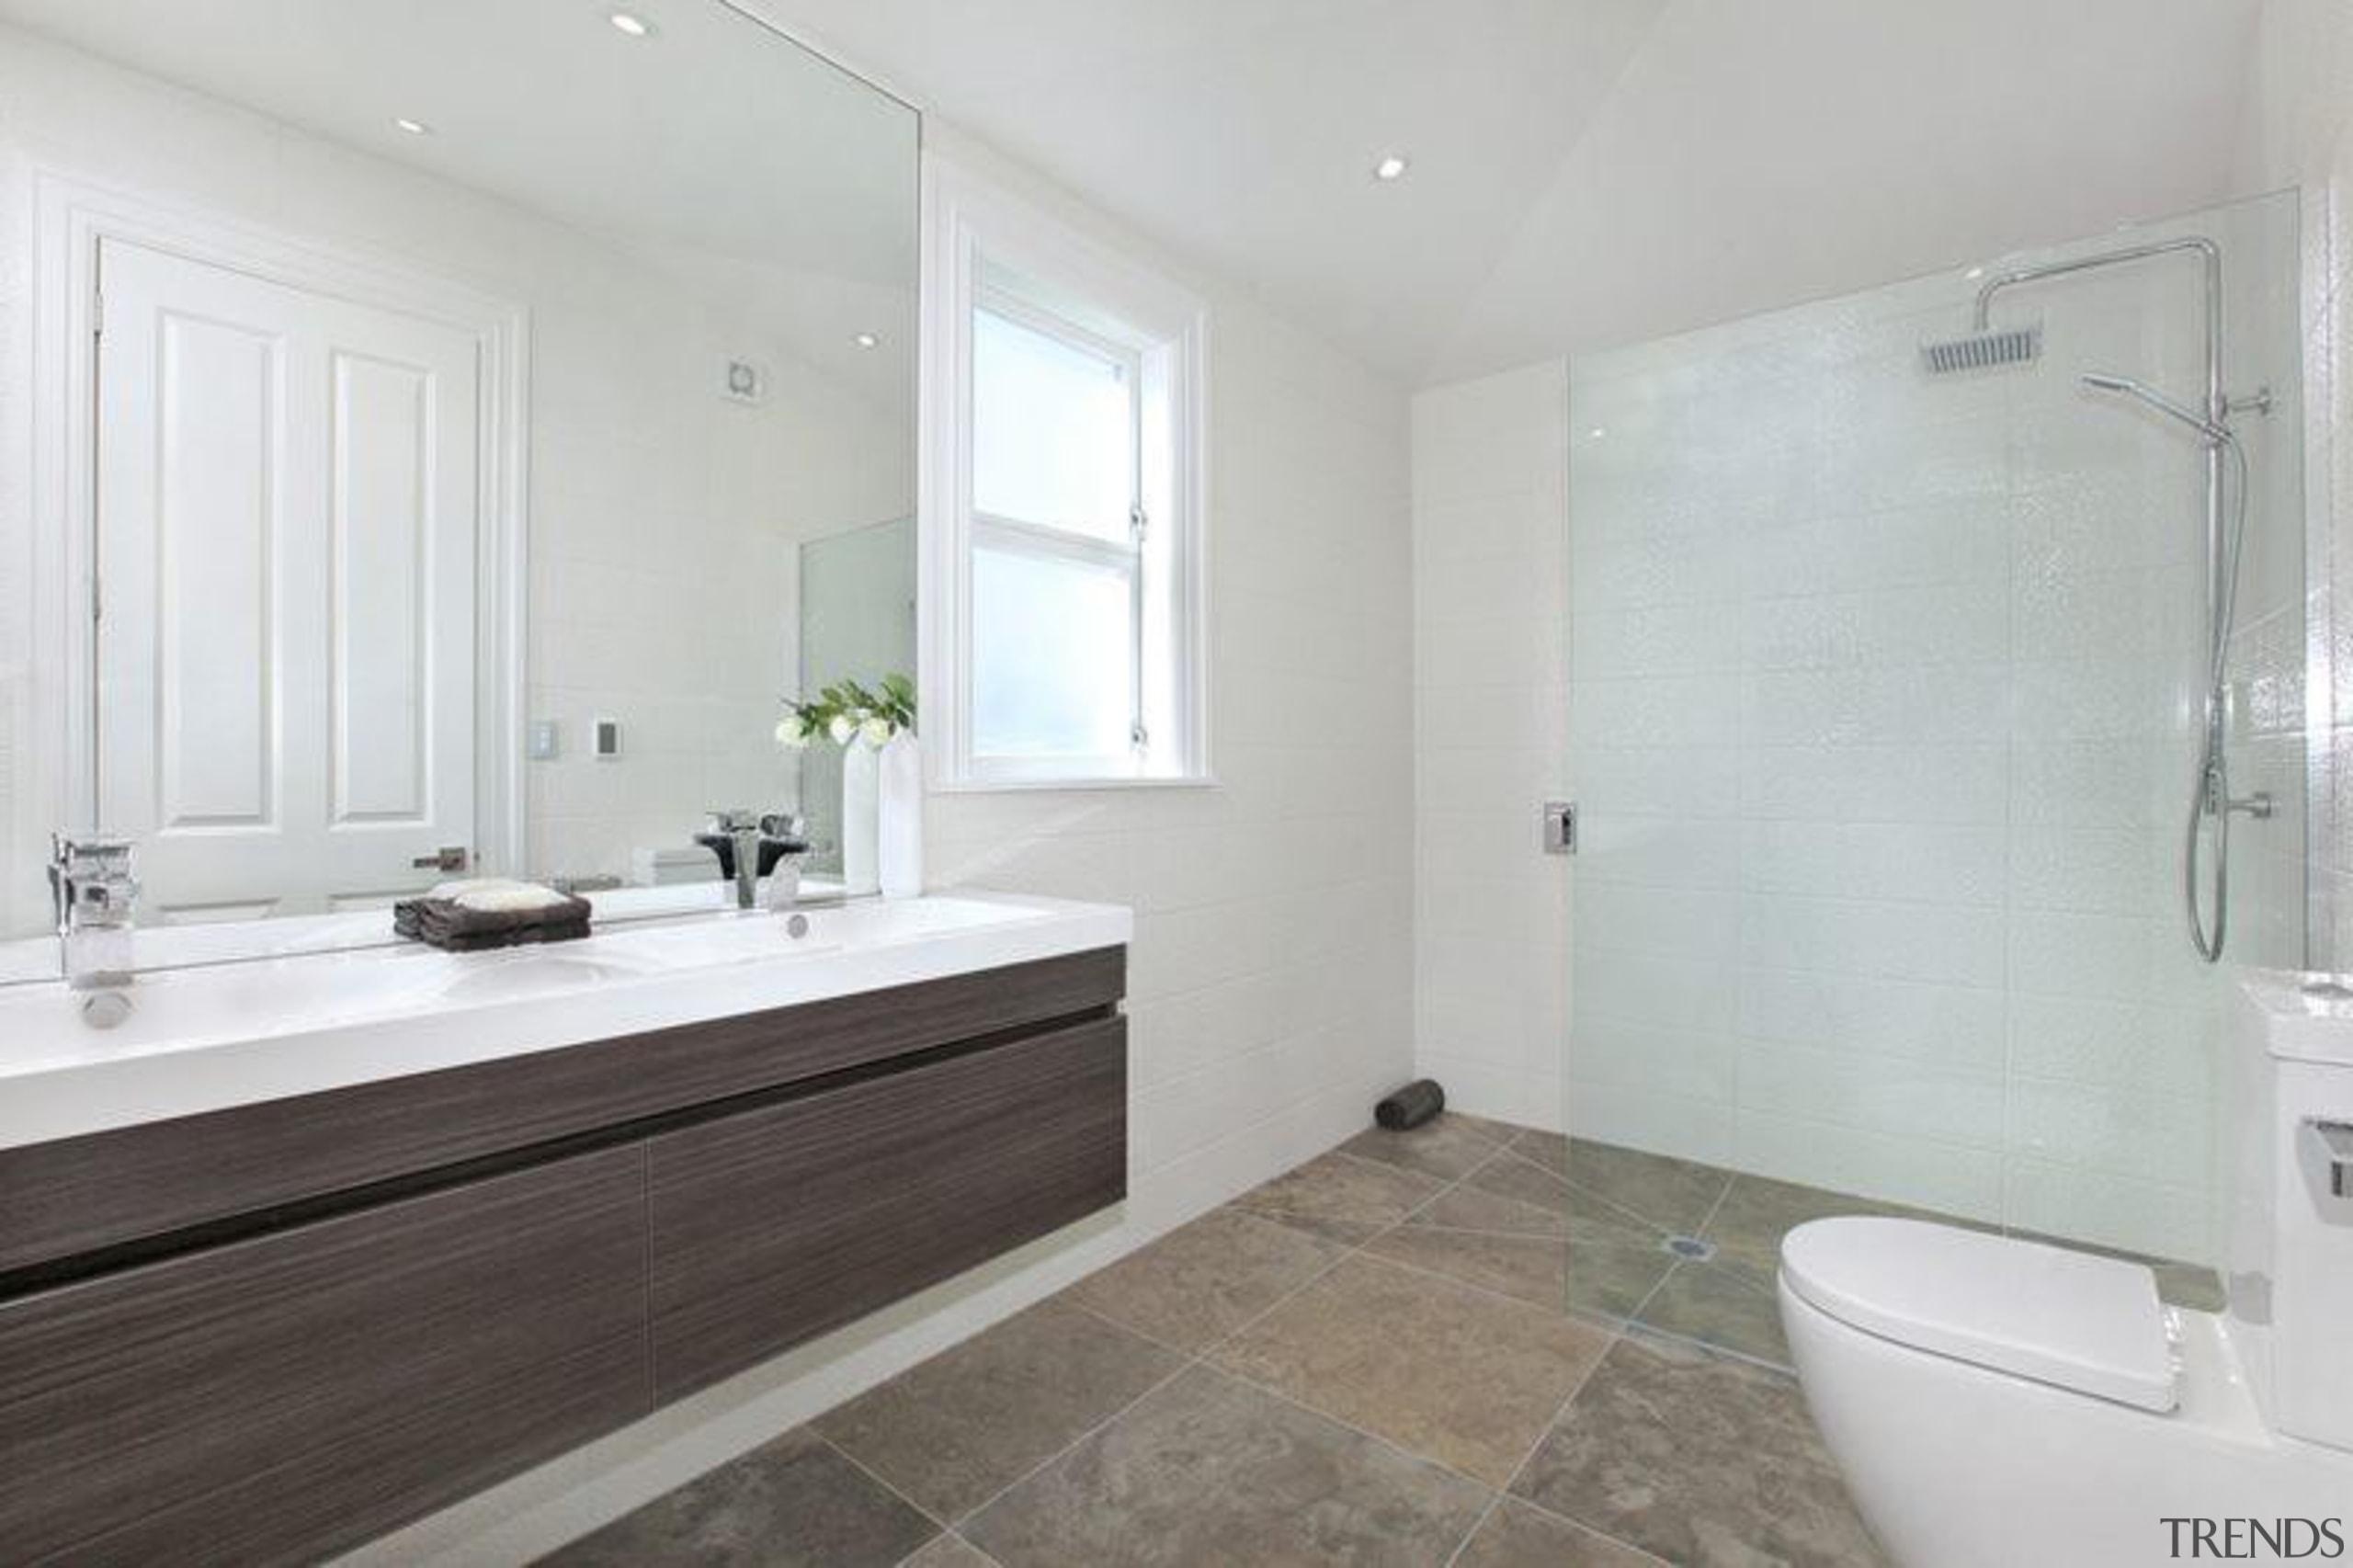 bathroom floor tiles velvet platinum - Velvet Range bathroom, floor, flooring, home, interior design, property, real estate, room, tile, window, gray, white